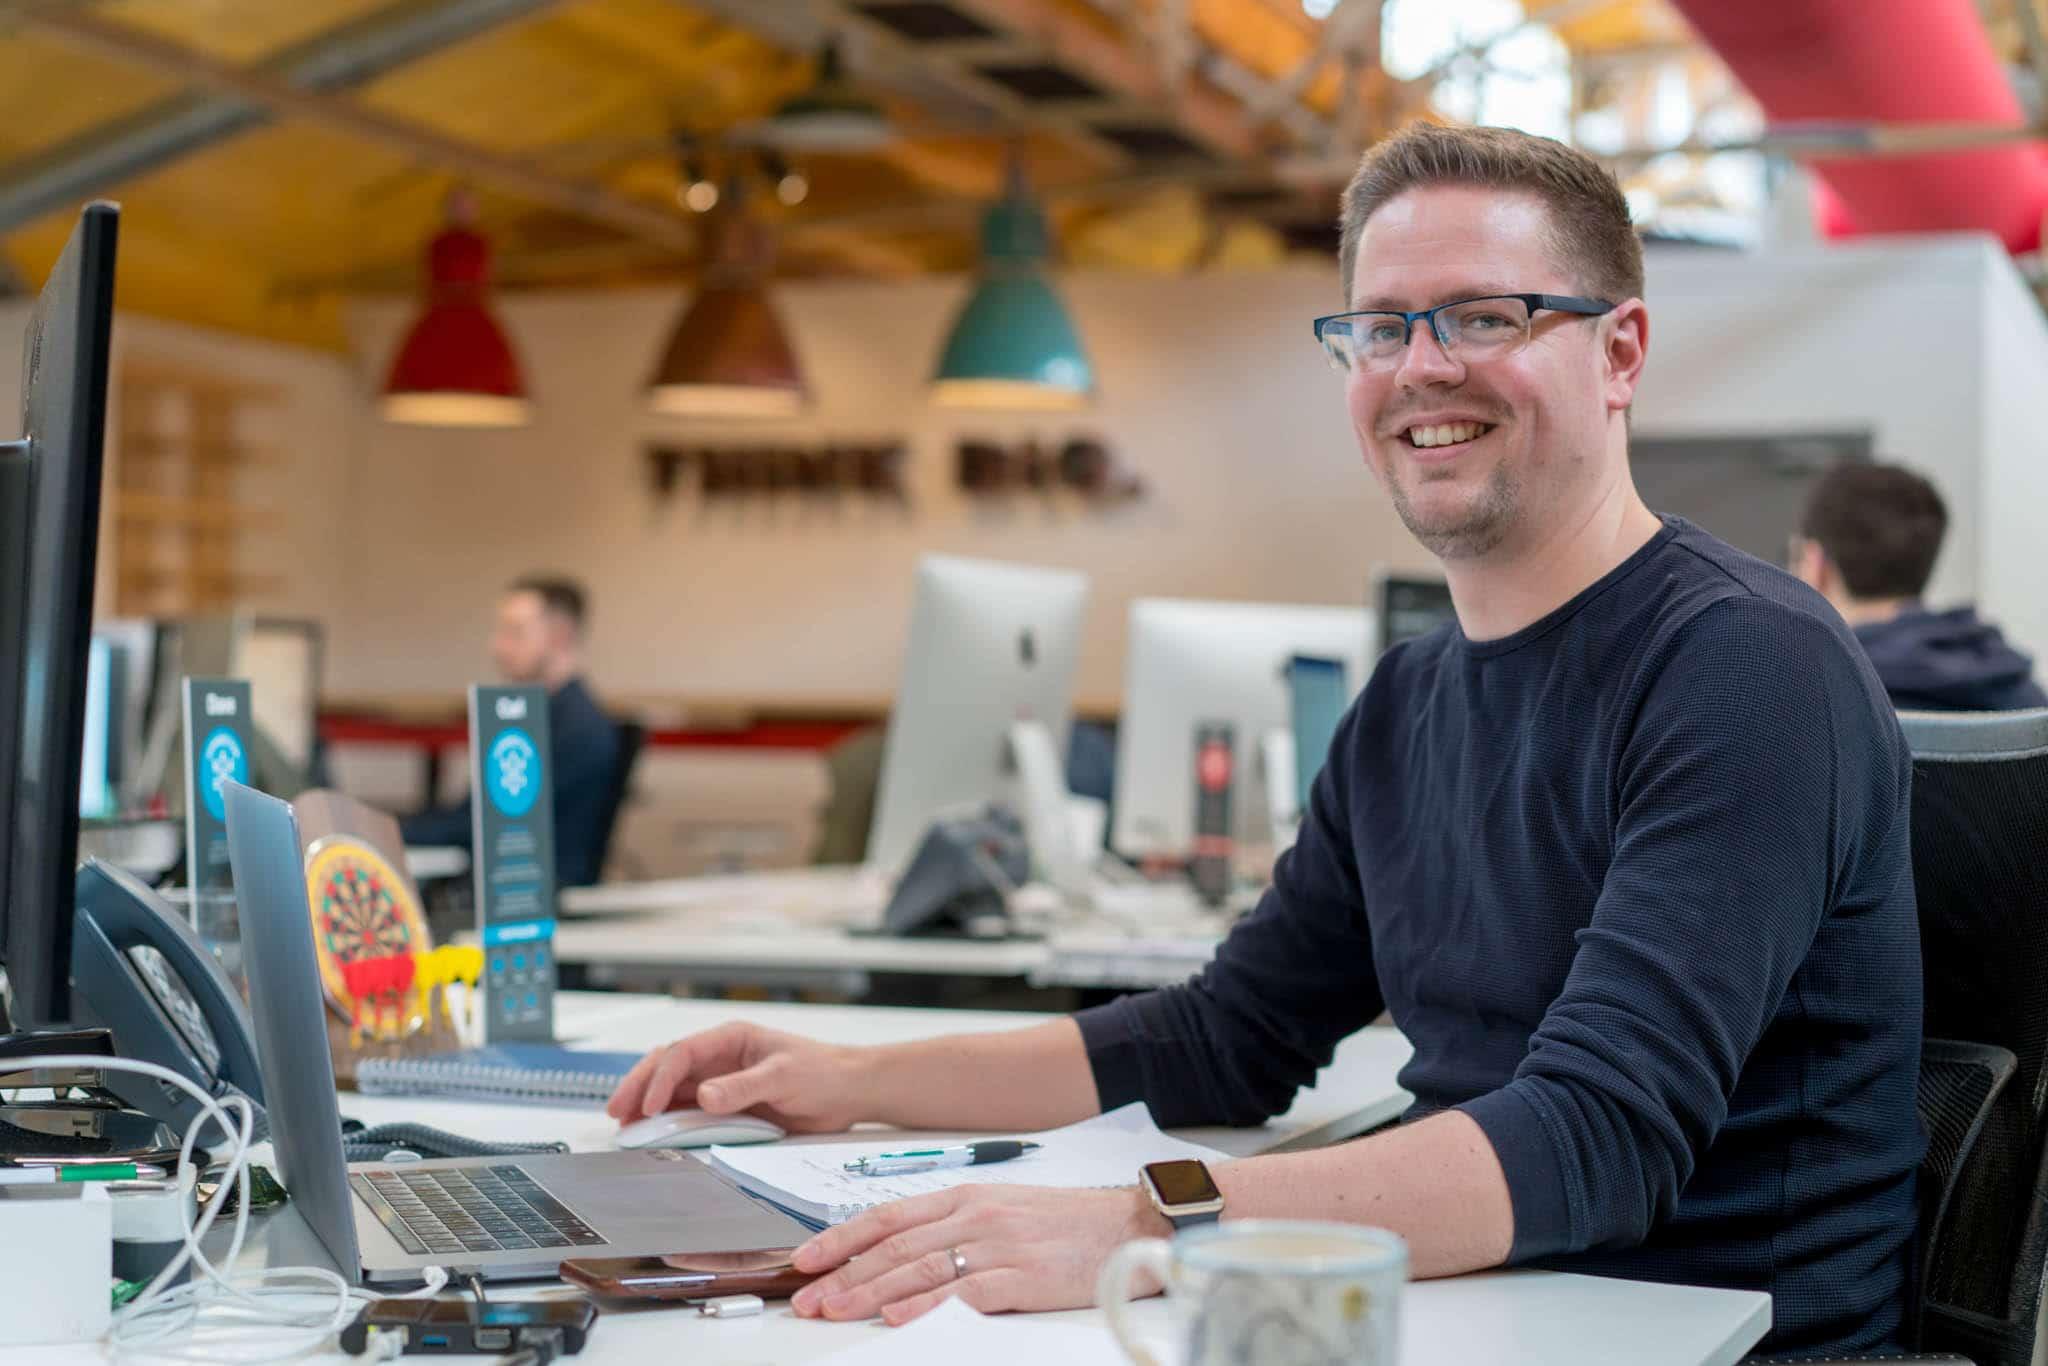 man working at desk smiling